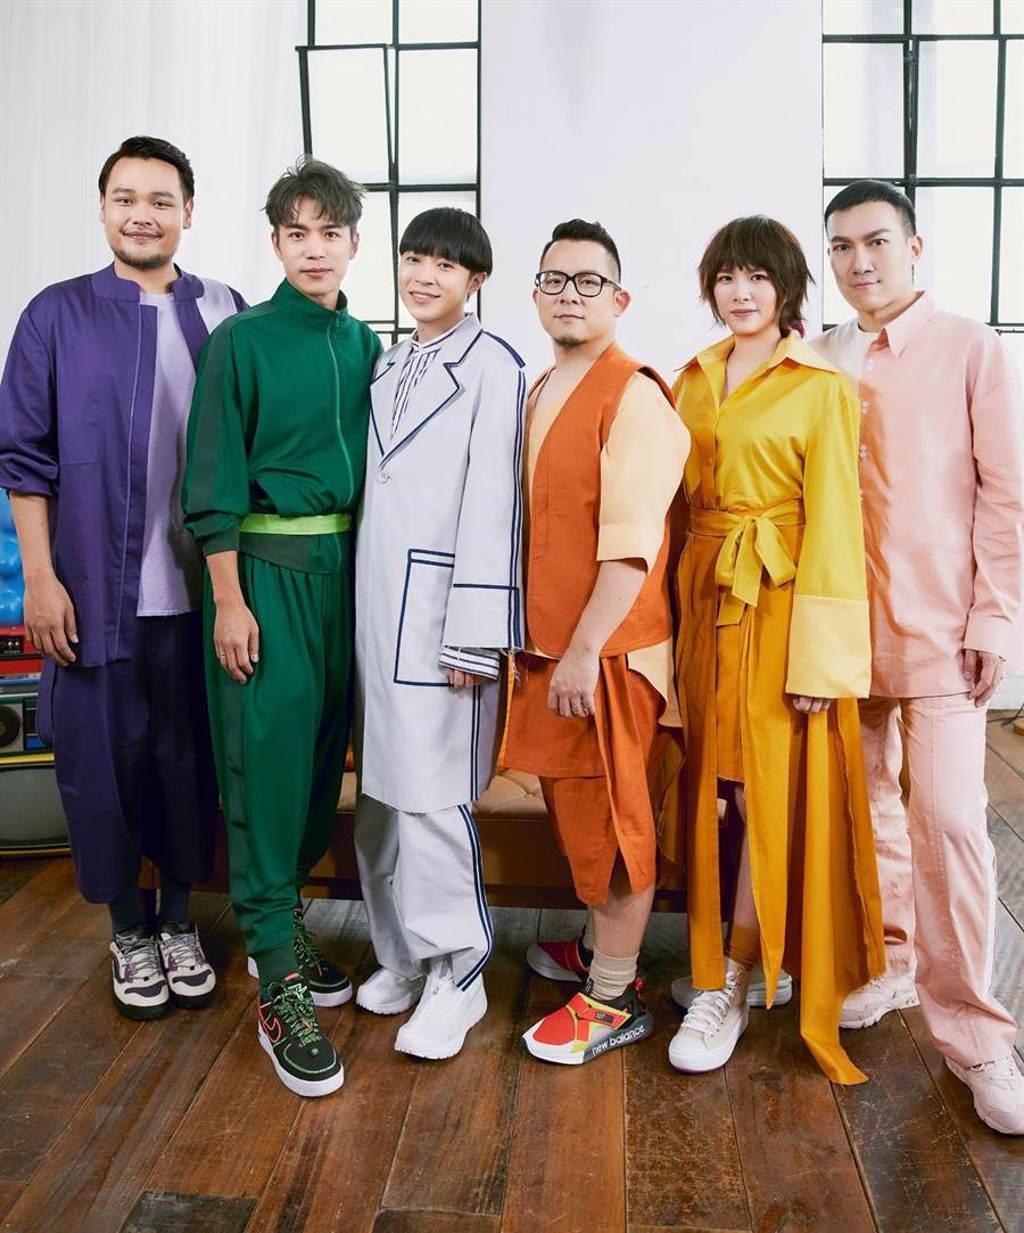 魚丁糸將於8月25日七夕情人節晚上直播演唱會。(環球音樂提供)